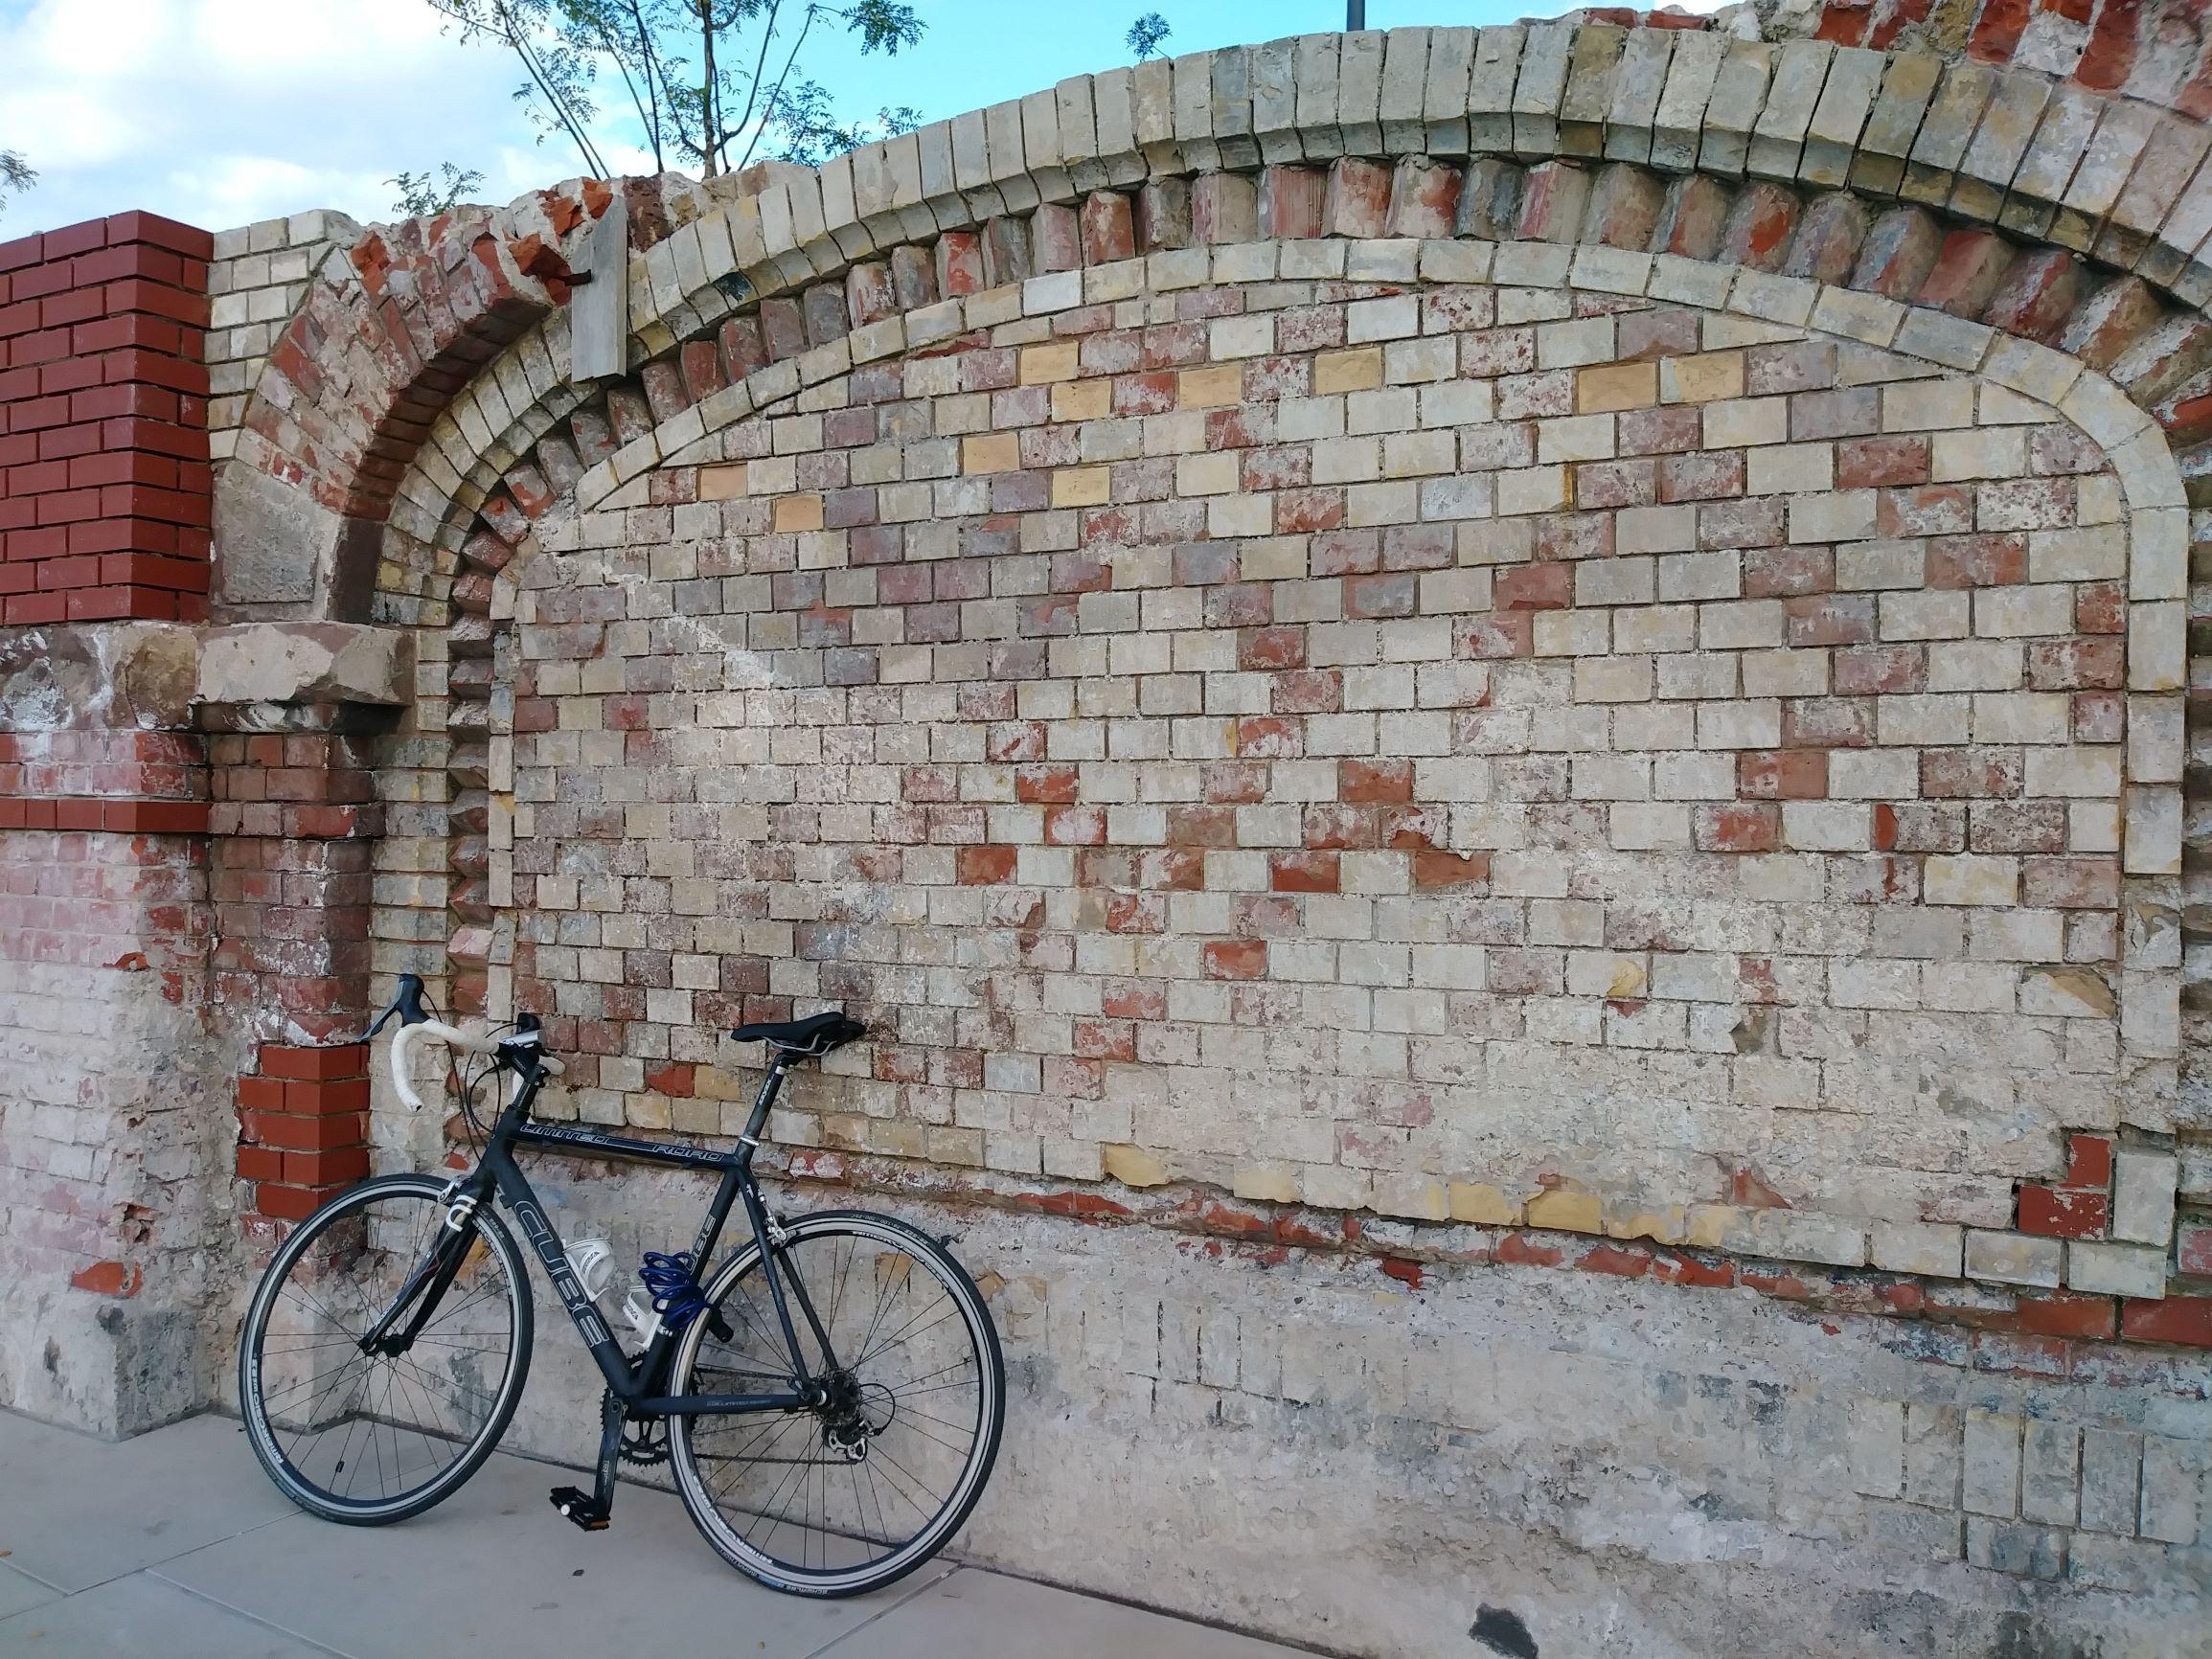 愛情橋旁的古牆及随意放置的腳踏車